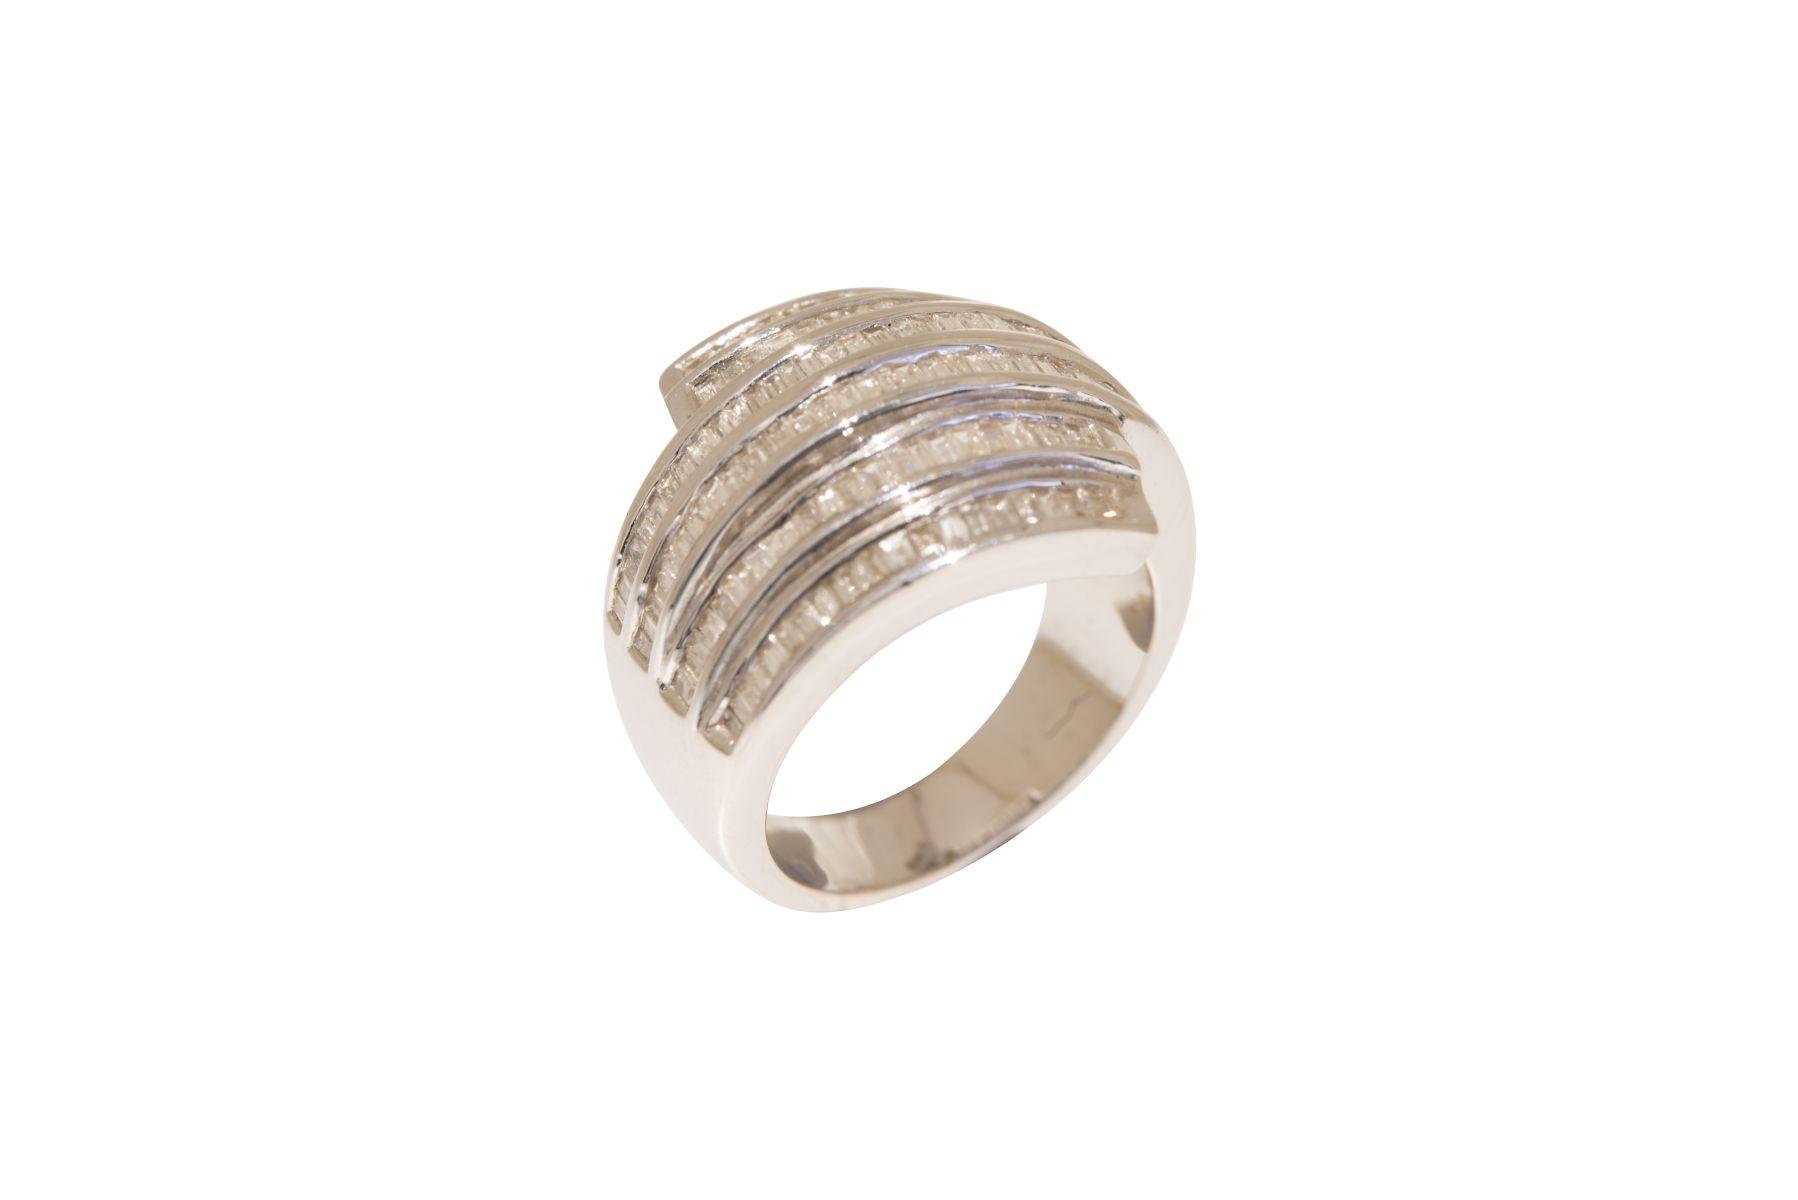 #186 Ring | Ring Image